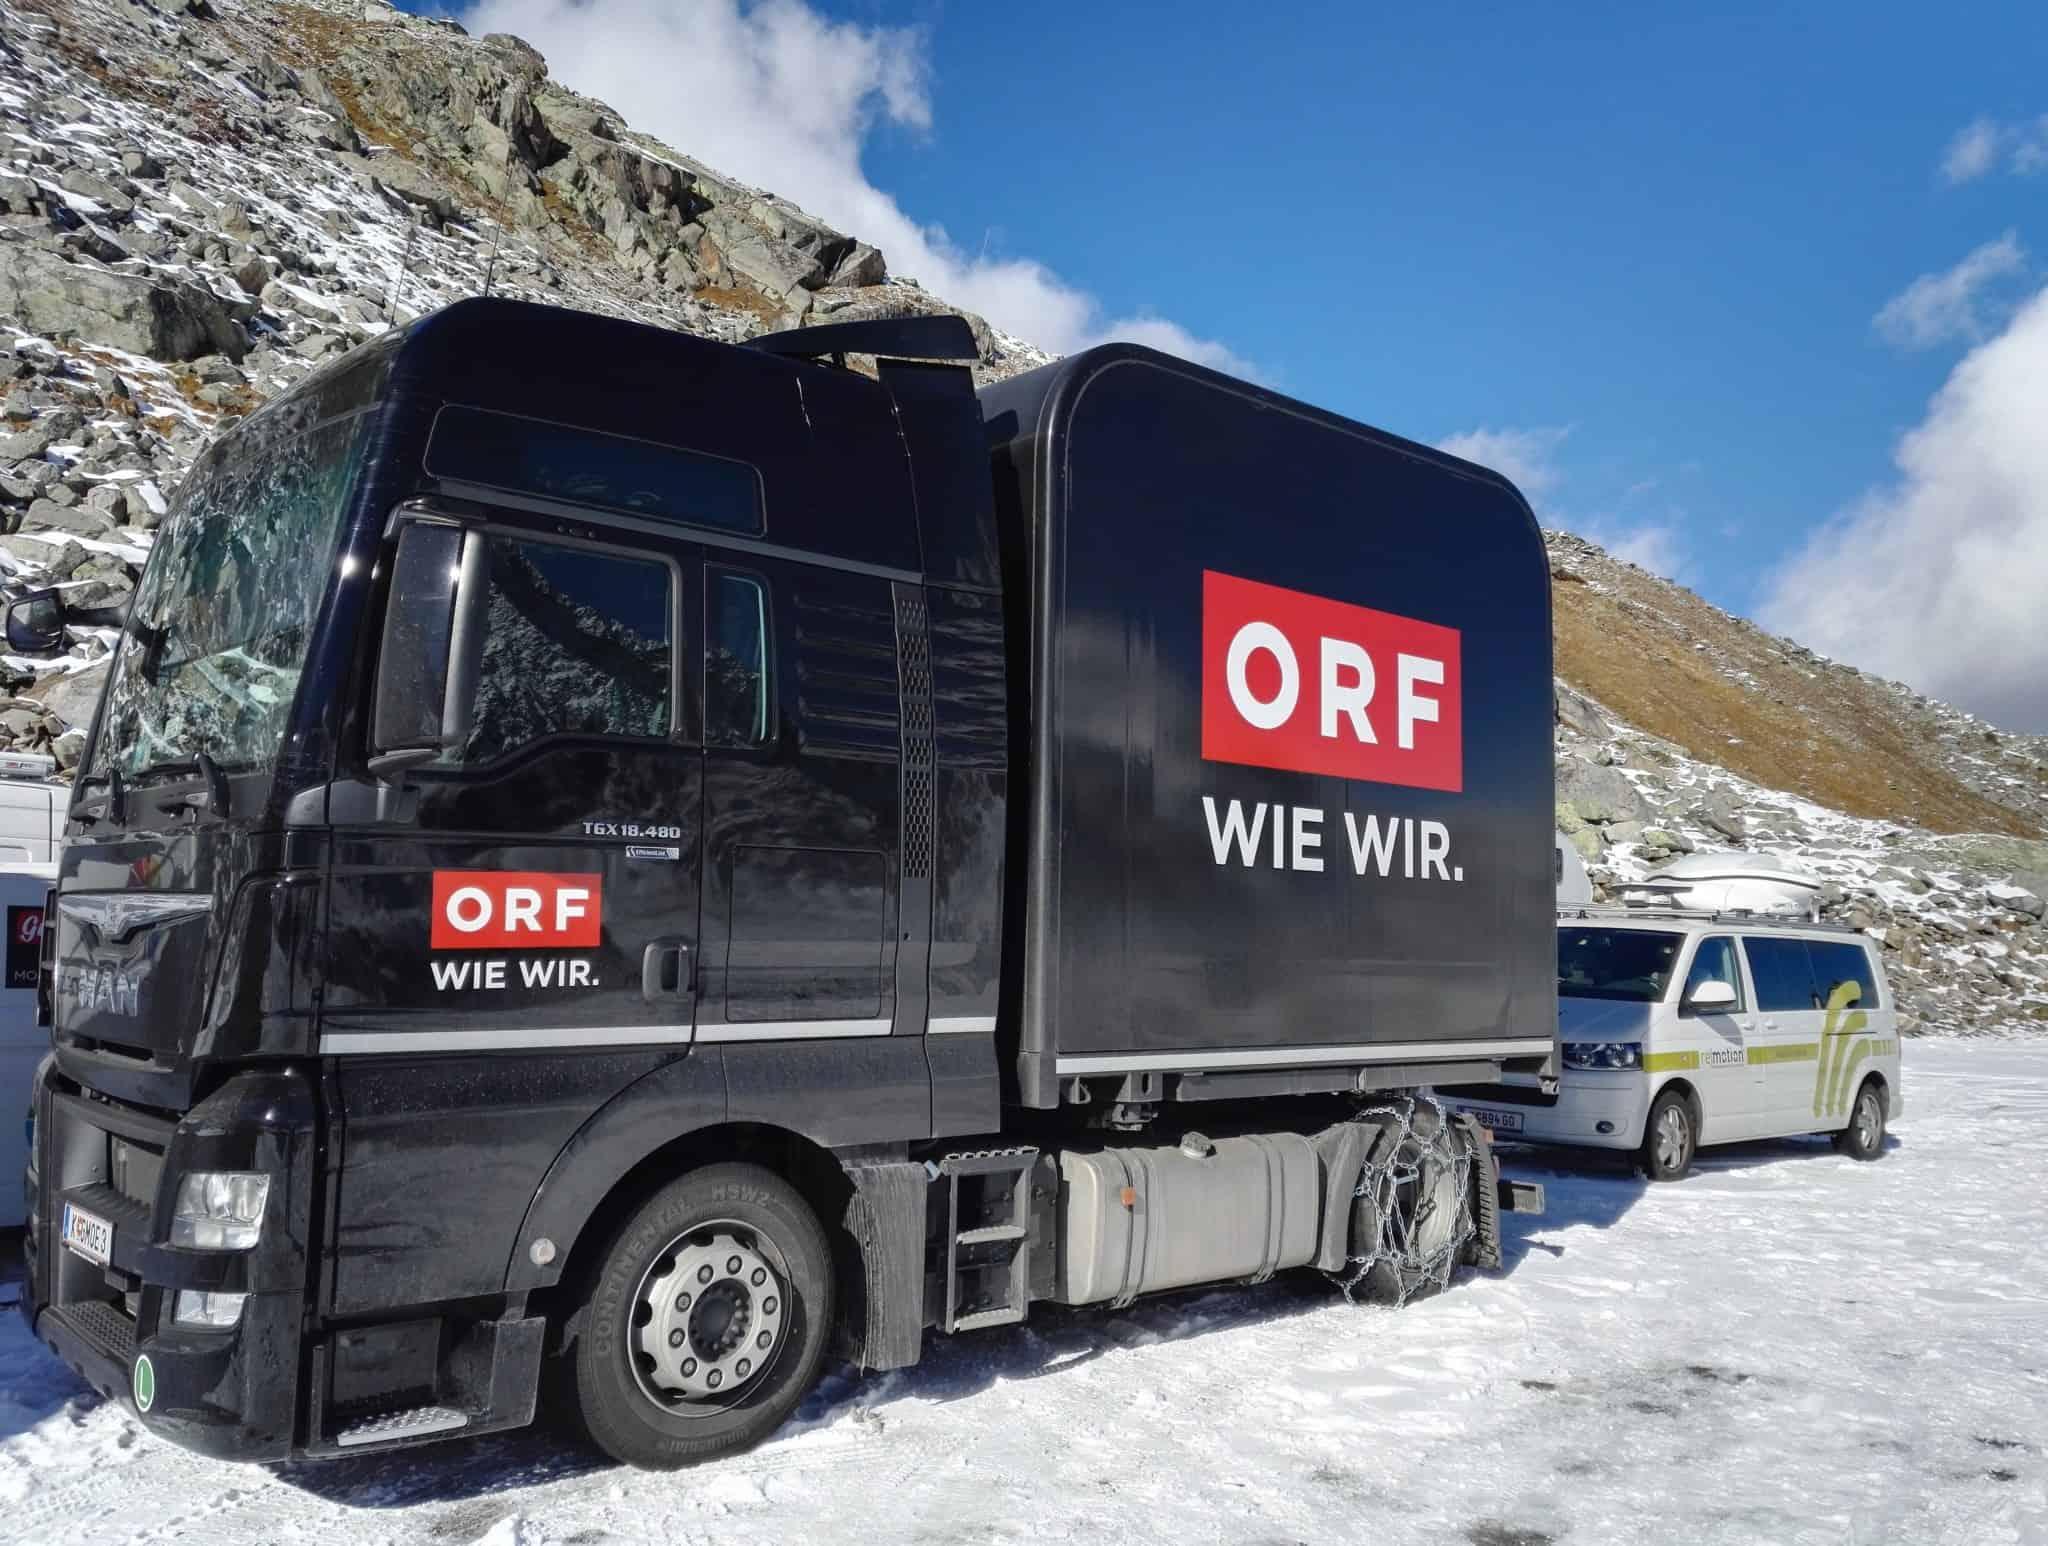 ORF Guten Morgen Österreich Tirol Sölden Woche C Andreas Felder 6 1 - ORF Guten Morgen Österreich - Tirol Woche